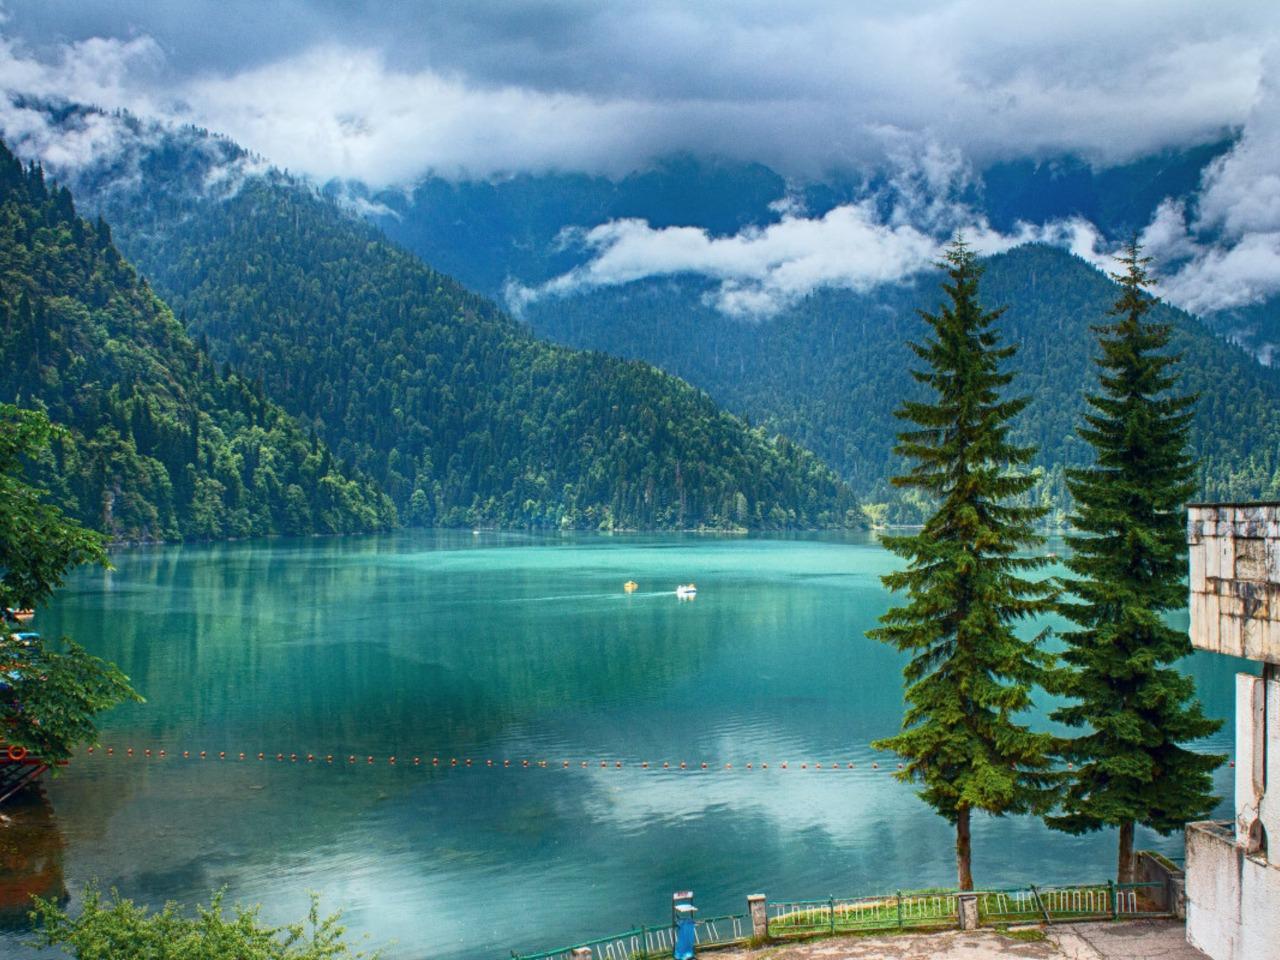 2-дневный тур по Абхазии: озера, водопады, святыни - индивидуальная экскурсия в Сочи от опытного гида